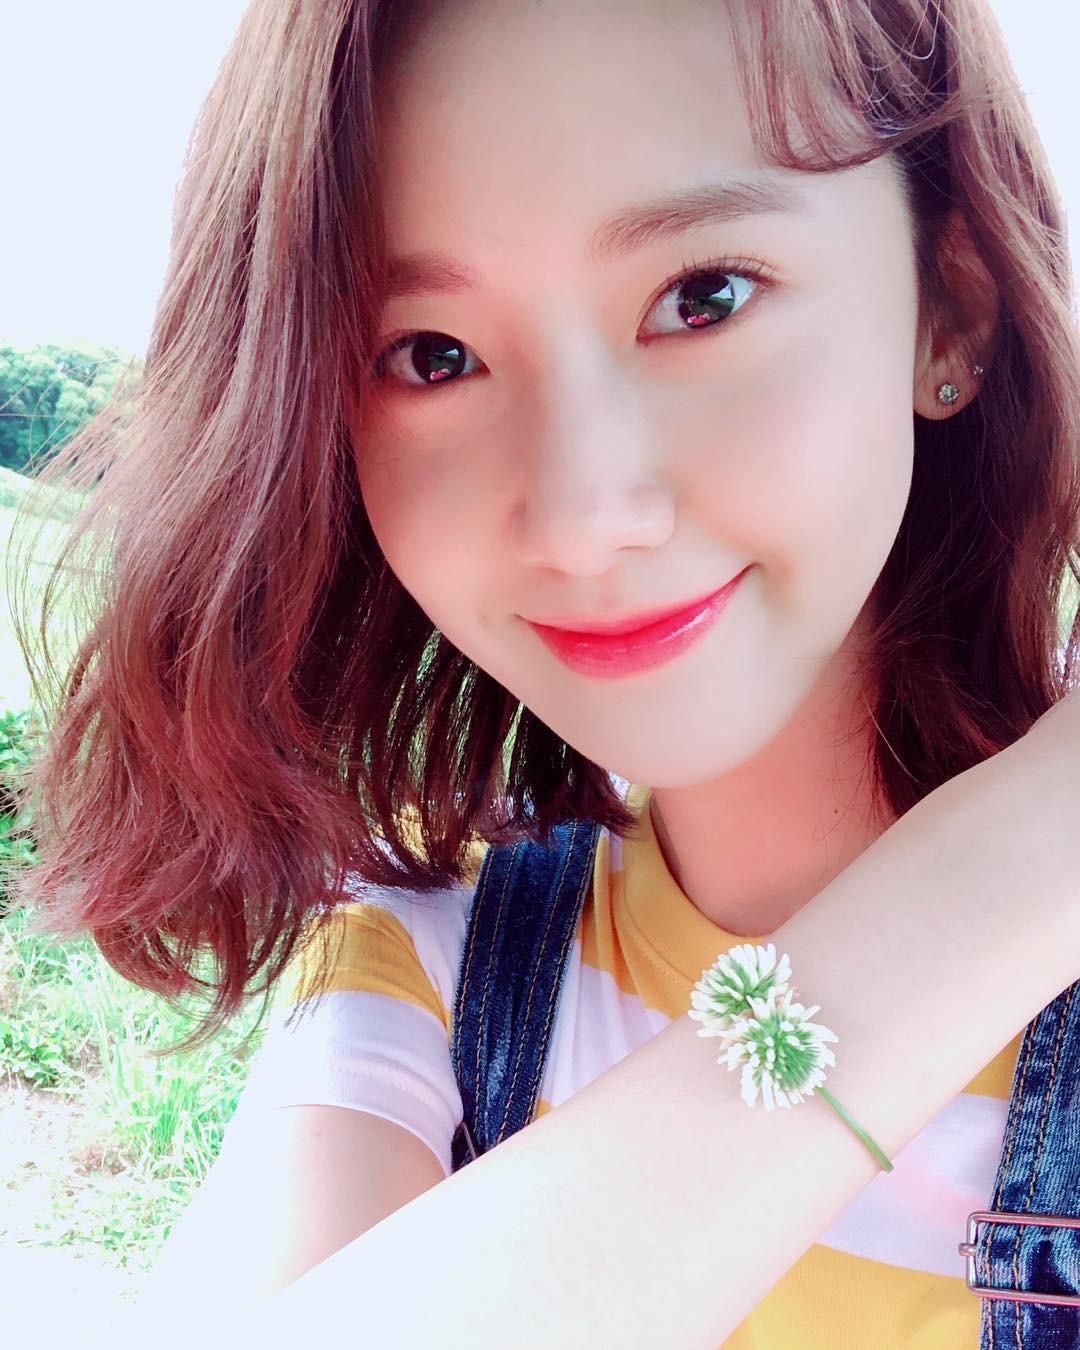 """Đẹp tự nhiên cỡ """"nữ thần"""" như Yoona cũng phải nghiêm túc chăm sóc da dẻ mỗi ngày với 4 tips sau - Ảnh 2."""